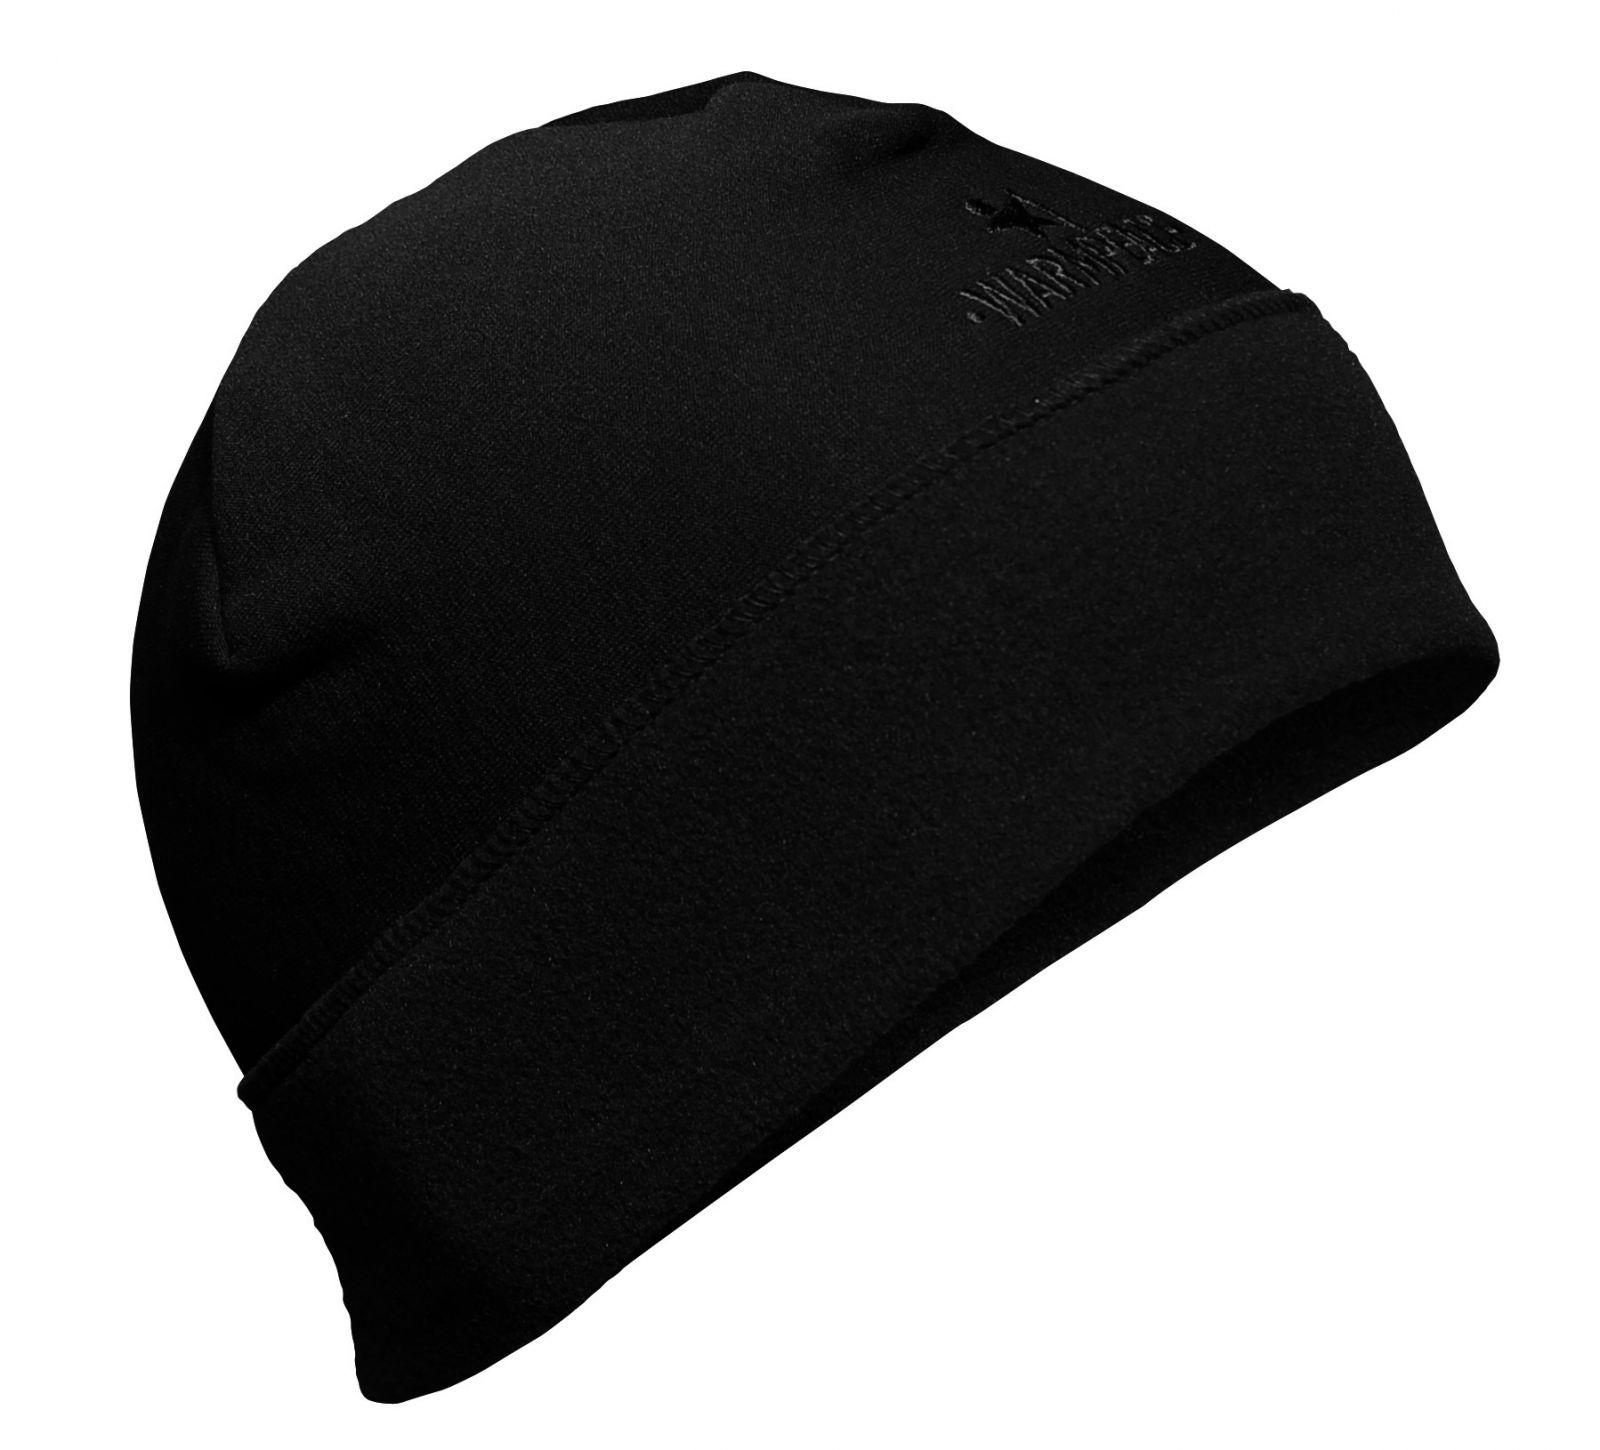 Warmpeace Skip black čepice Polartec Powerstretch